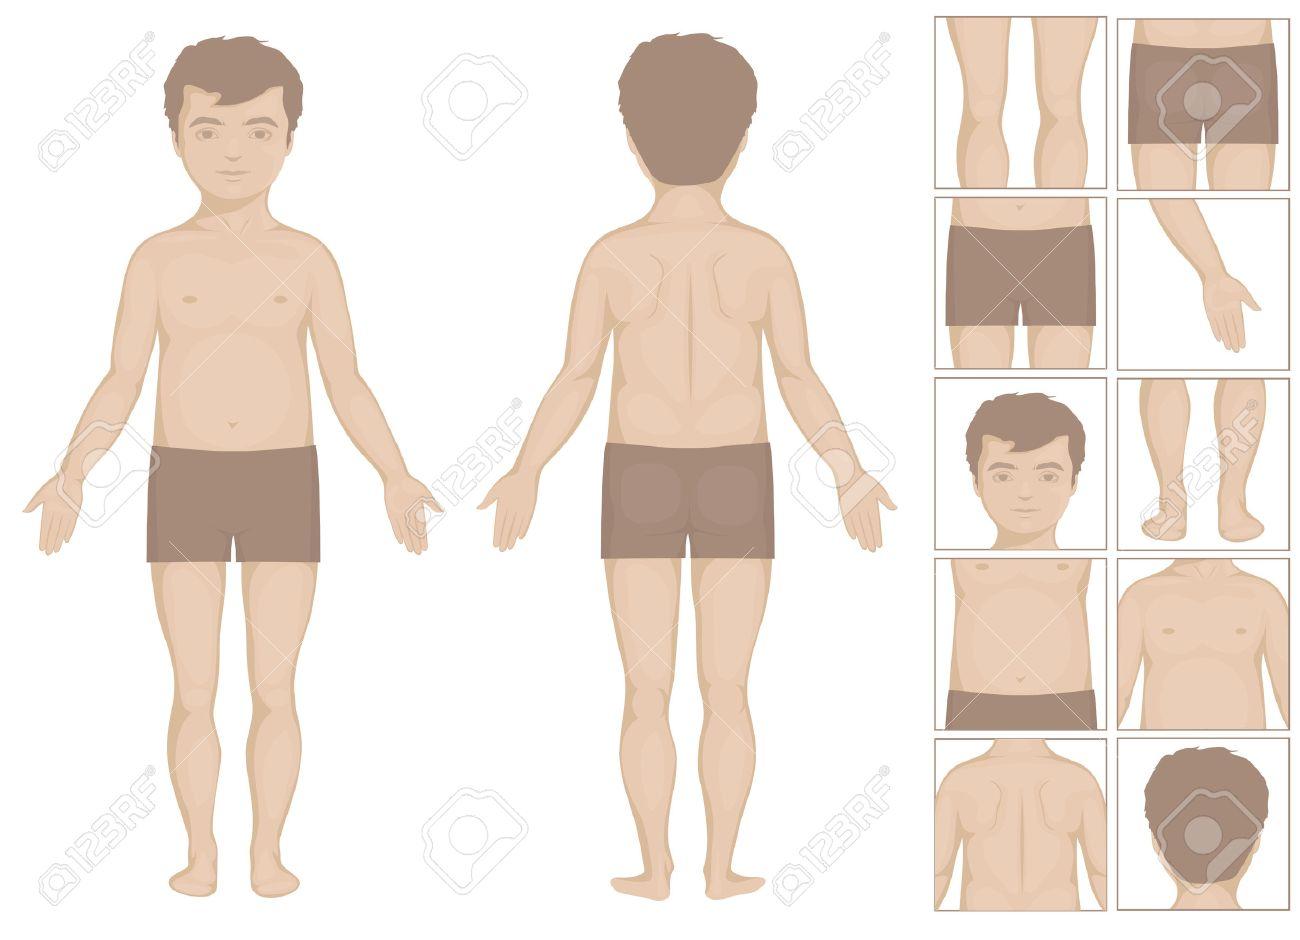 Partes Del Cuerpo Humano O De Niño, Ilustración Vectorial De Dibujos ...